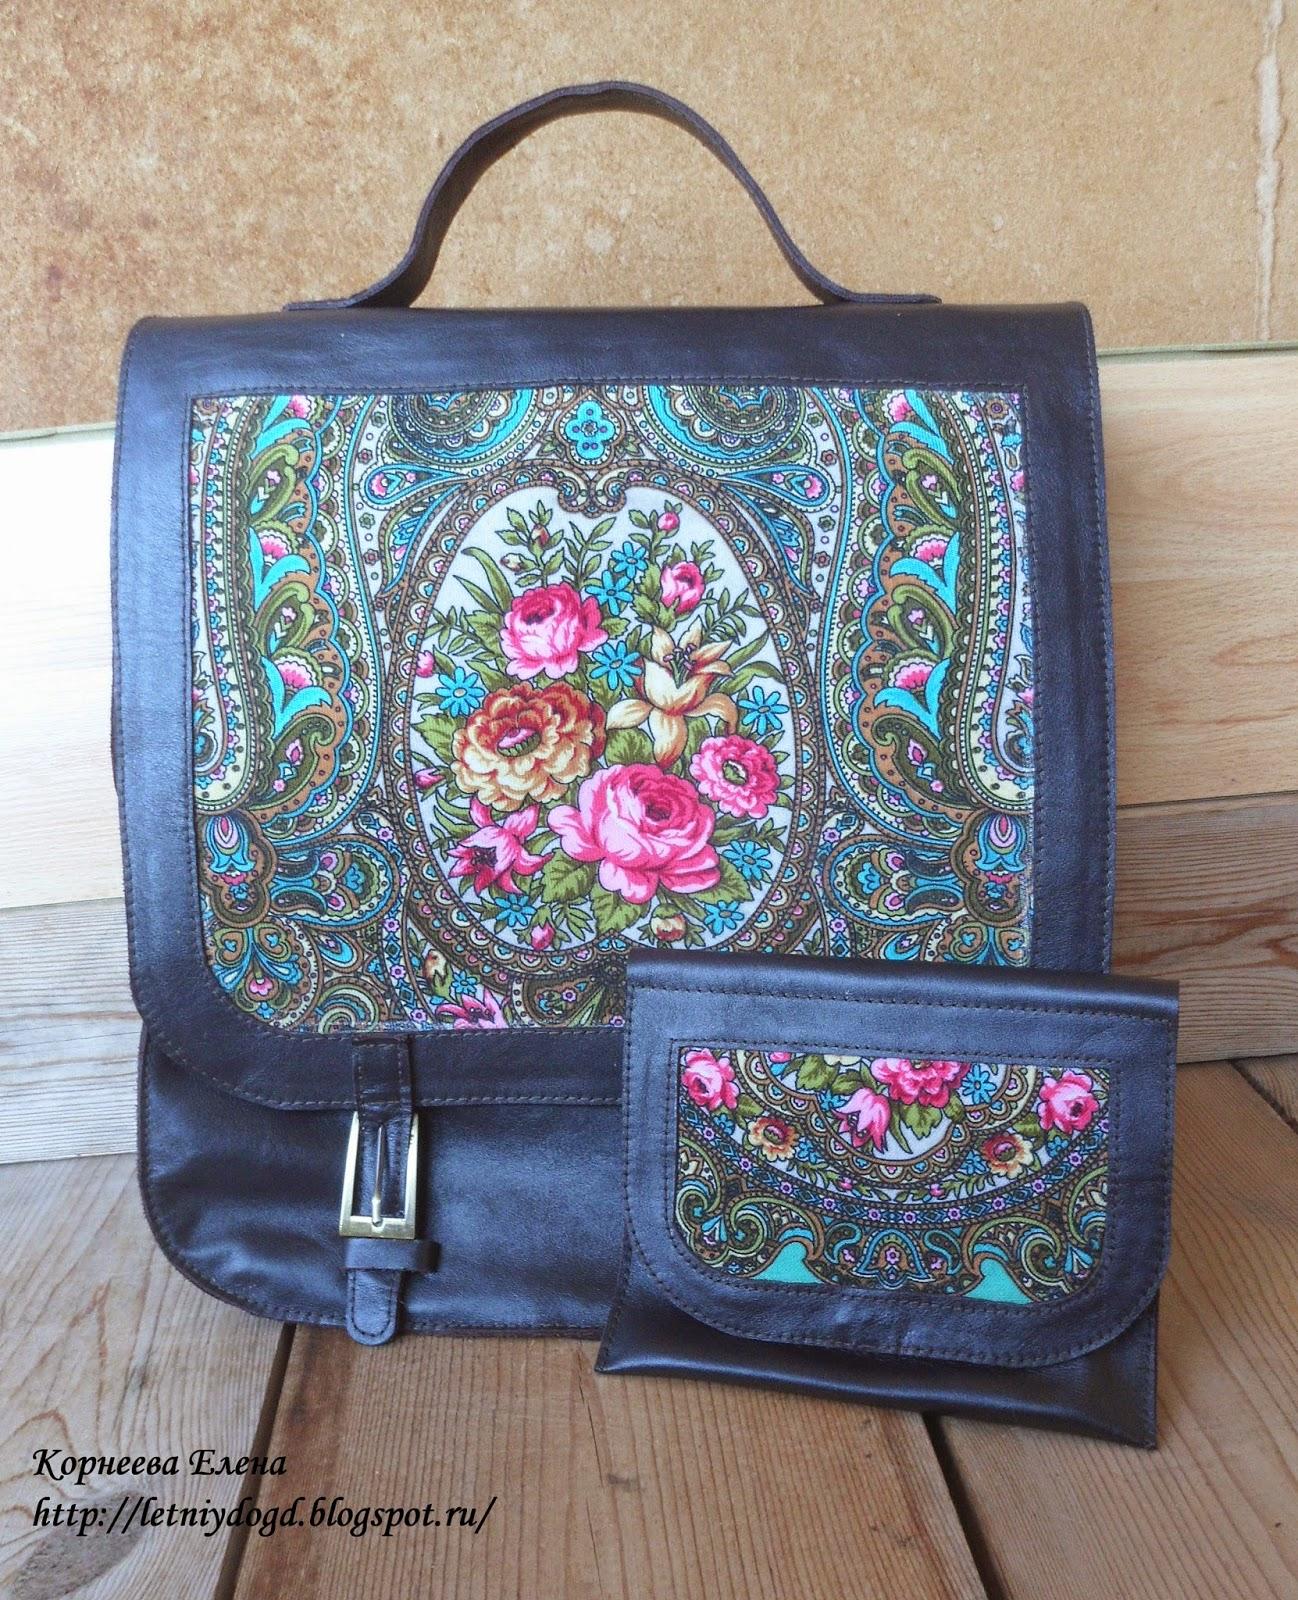 кожаный рюкзак - портфель и косметичка